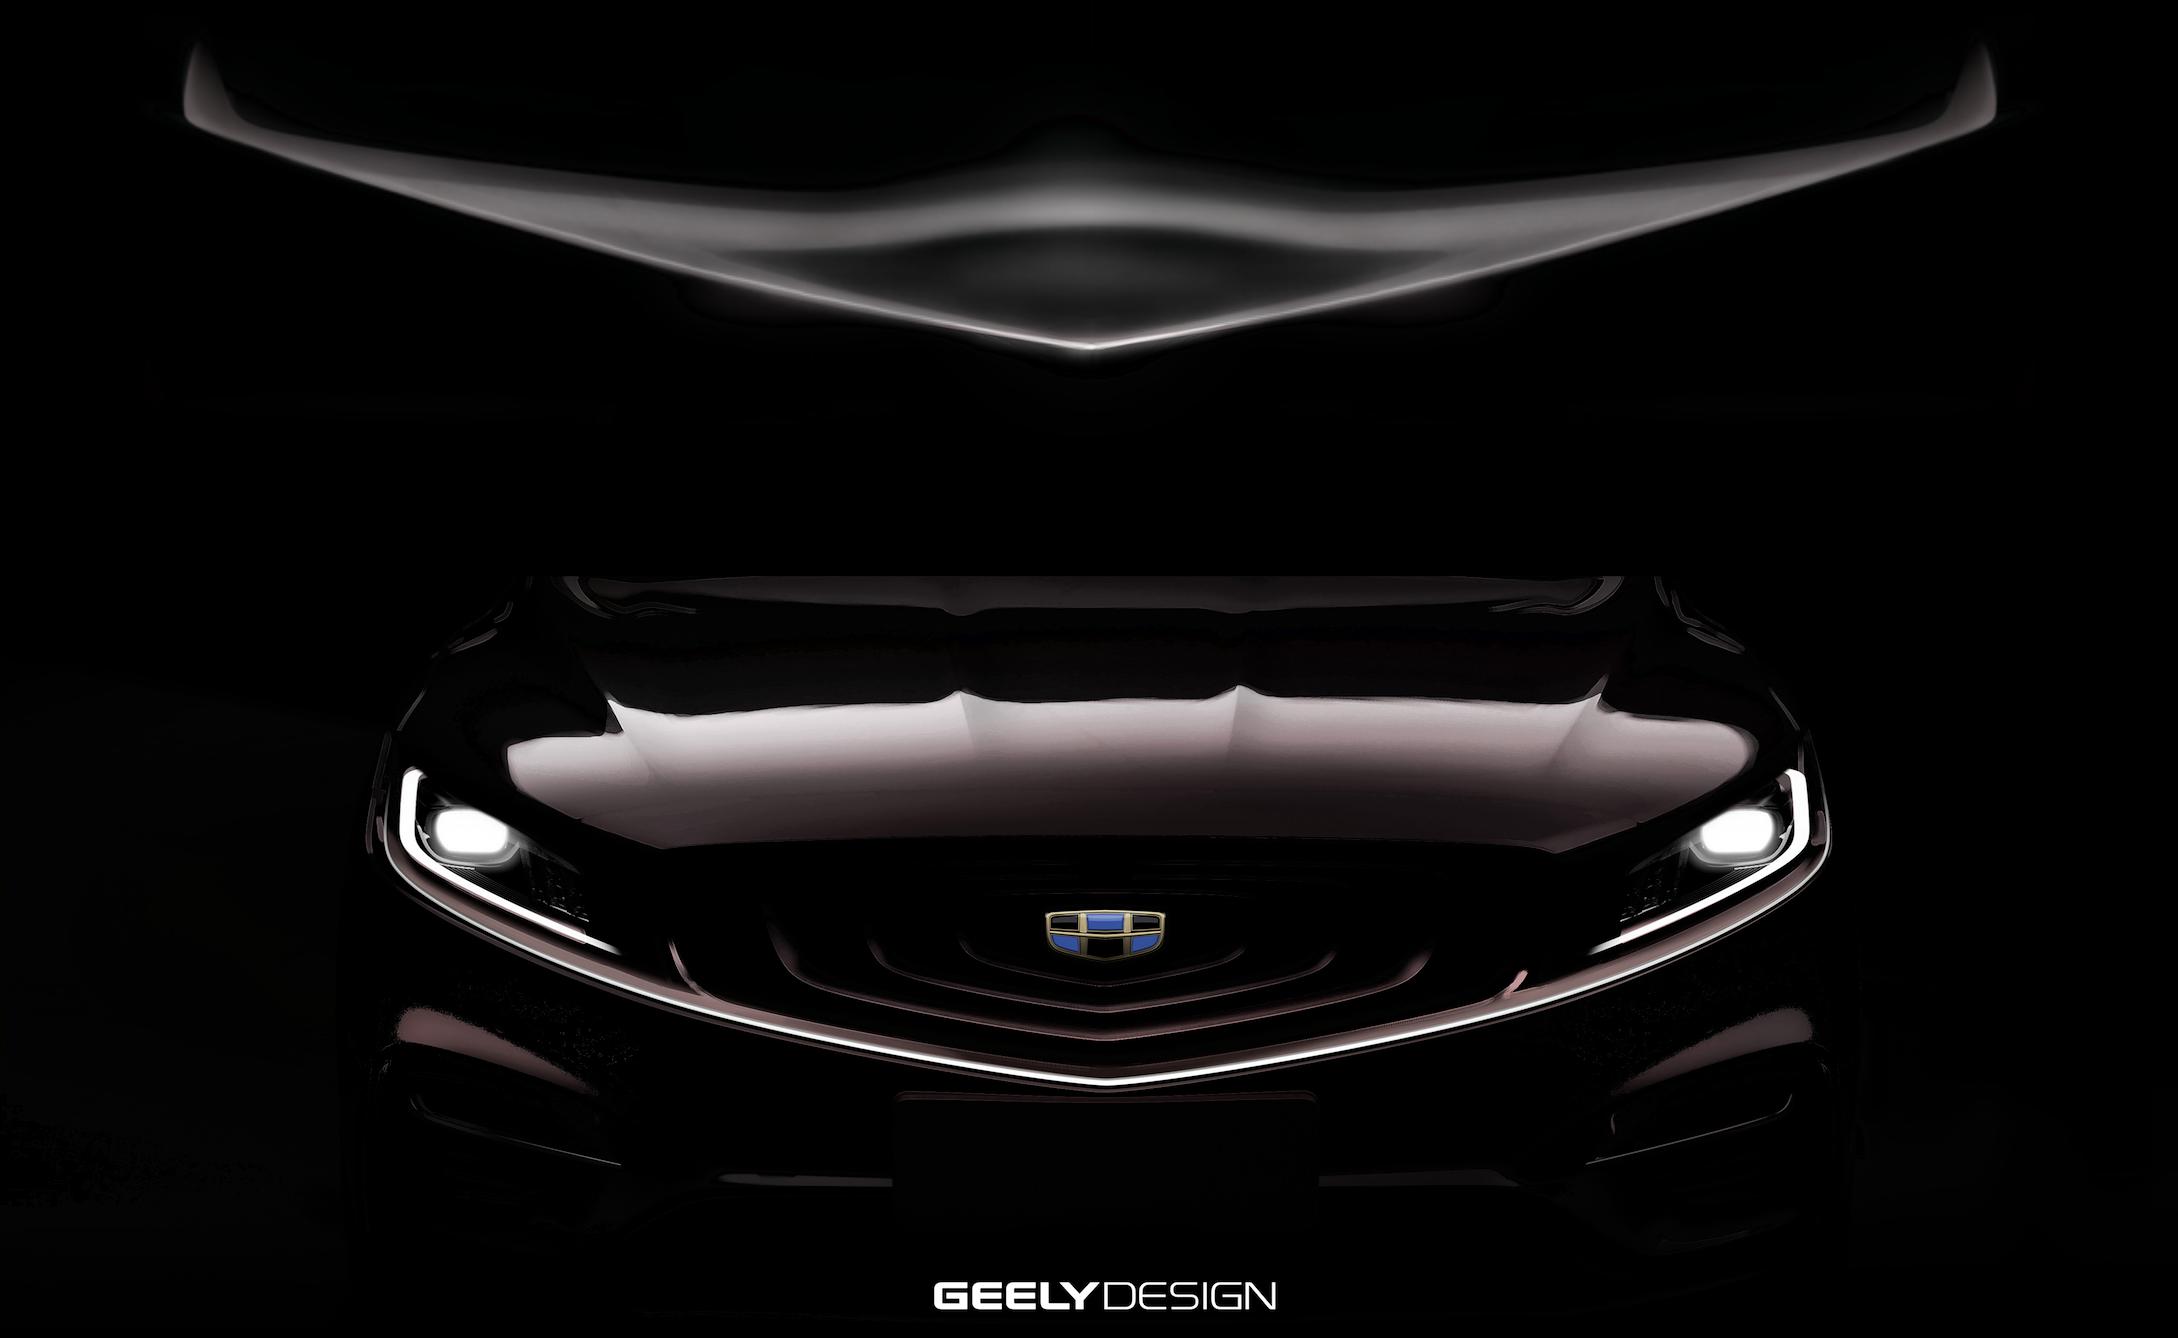 吉利全新混动K车型设计草图曝光 轿跑式设计/或为博瑞GT